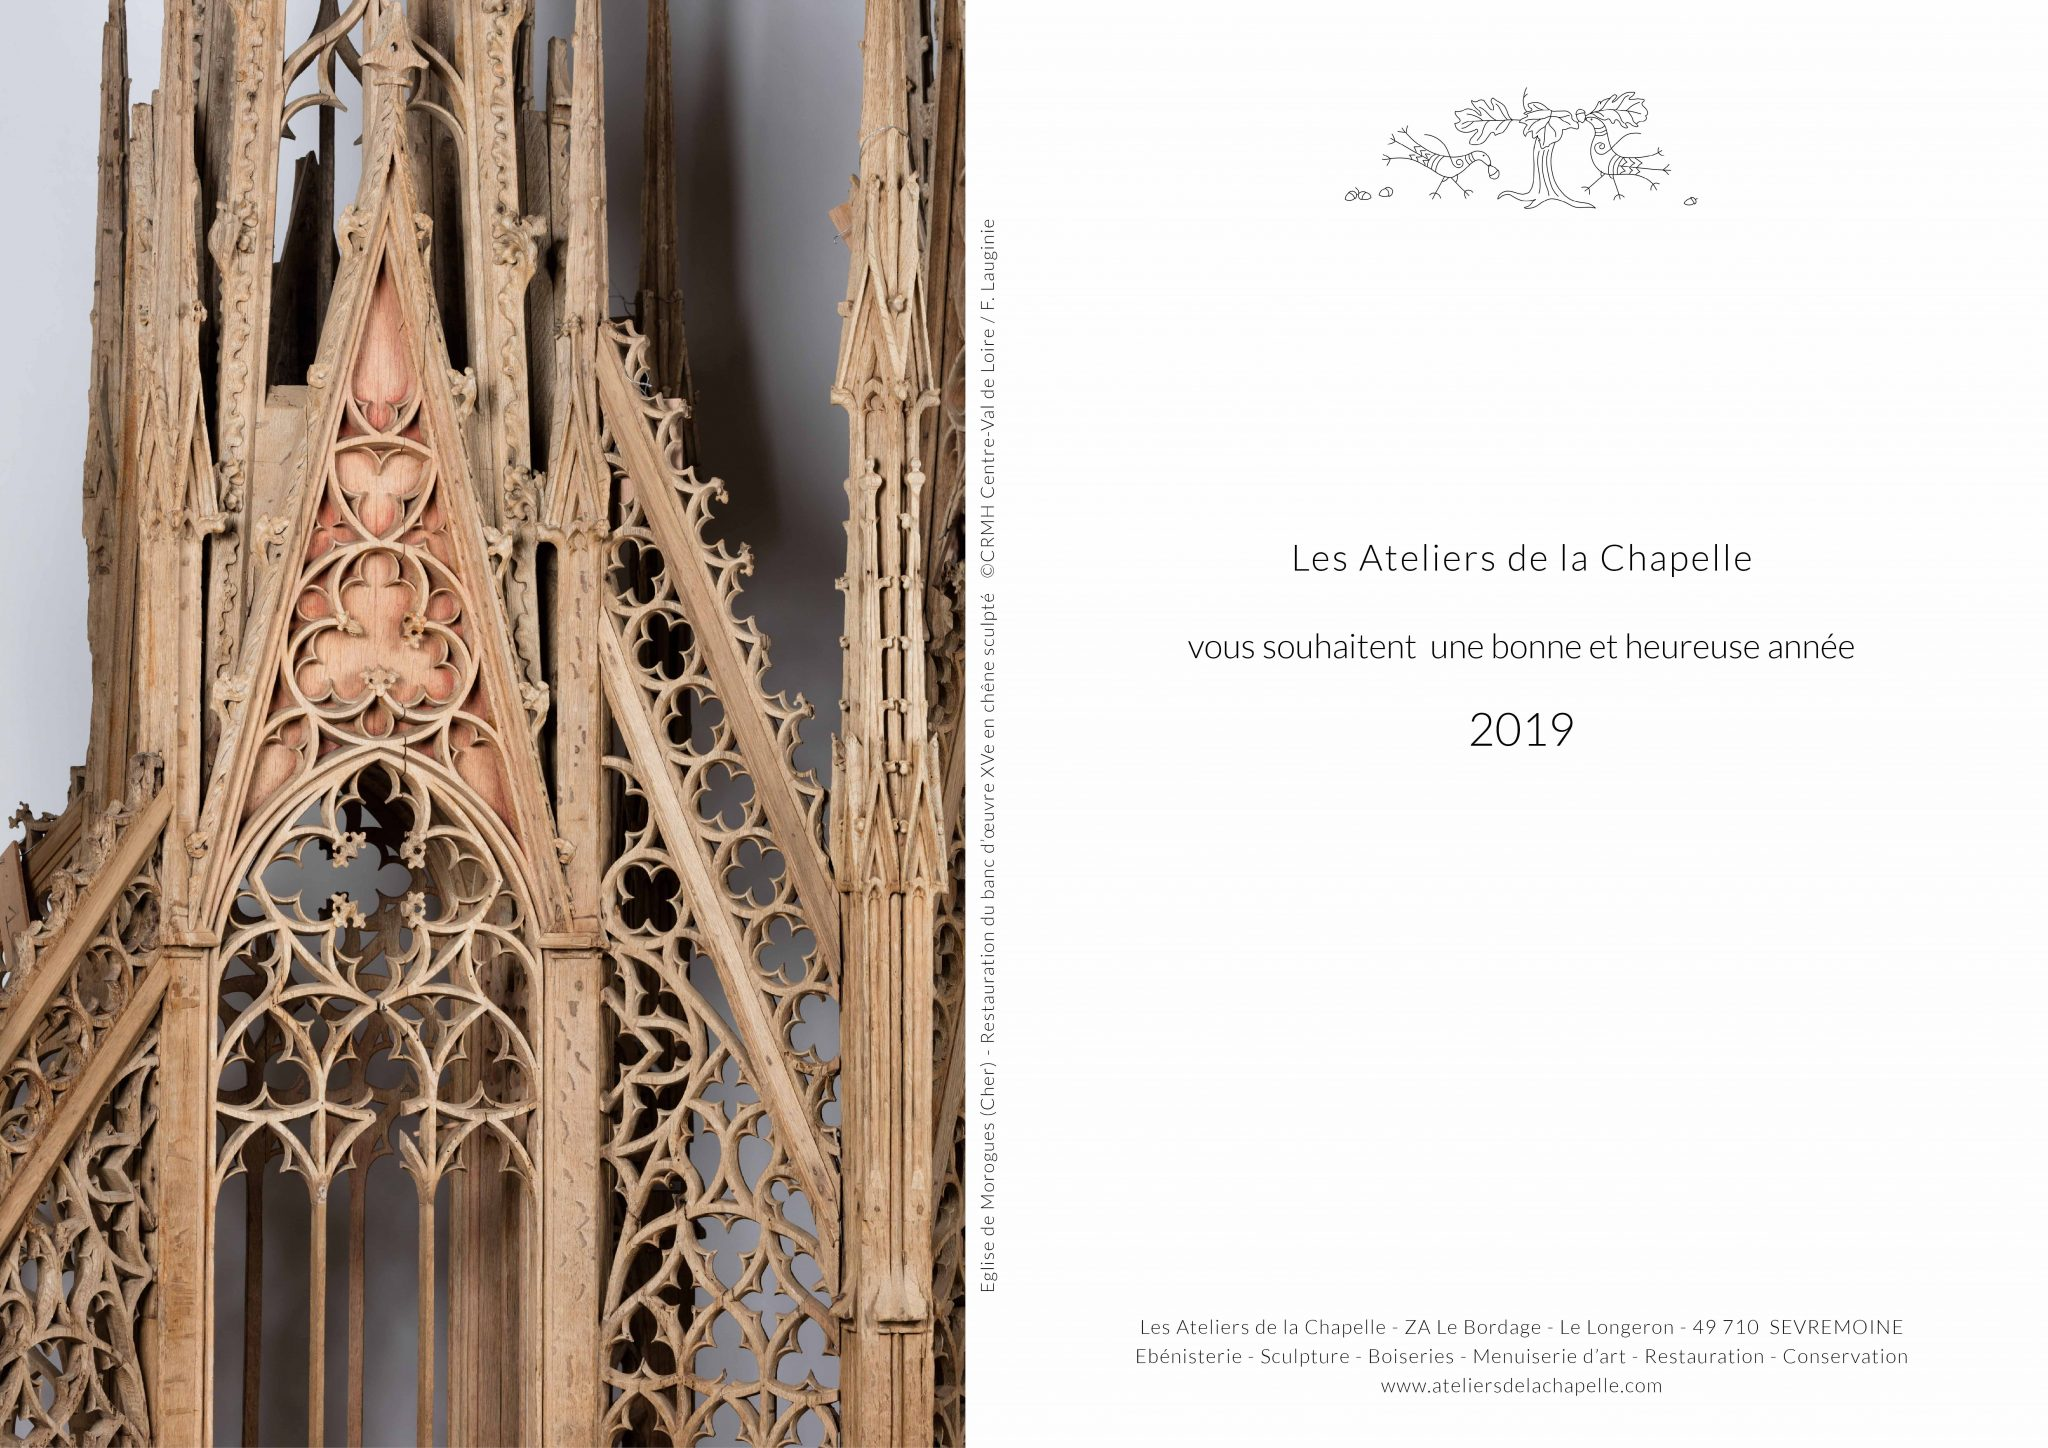 Les Ateliers de la Chapelle vous souhaitent une bonne et heureuse année 2019